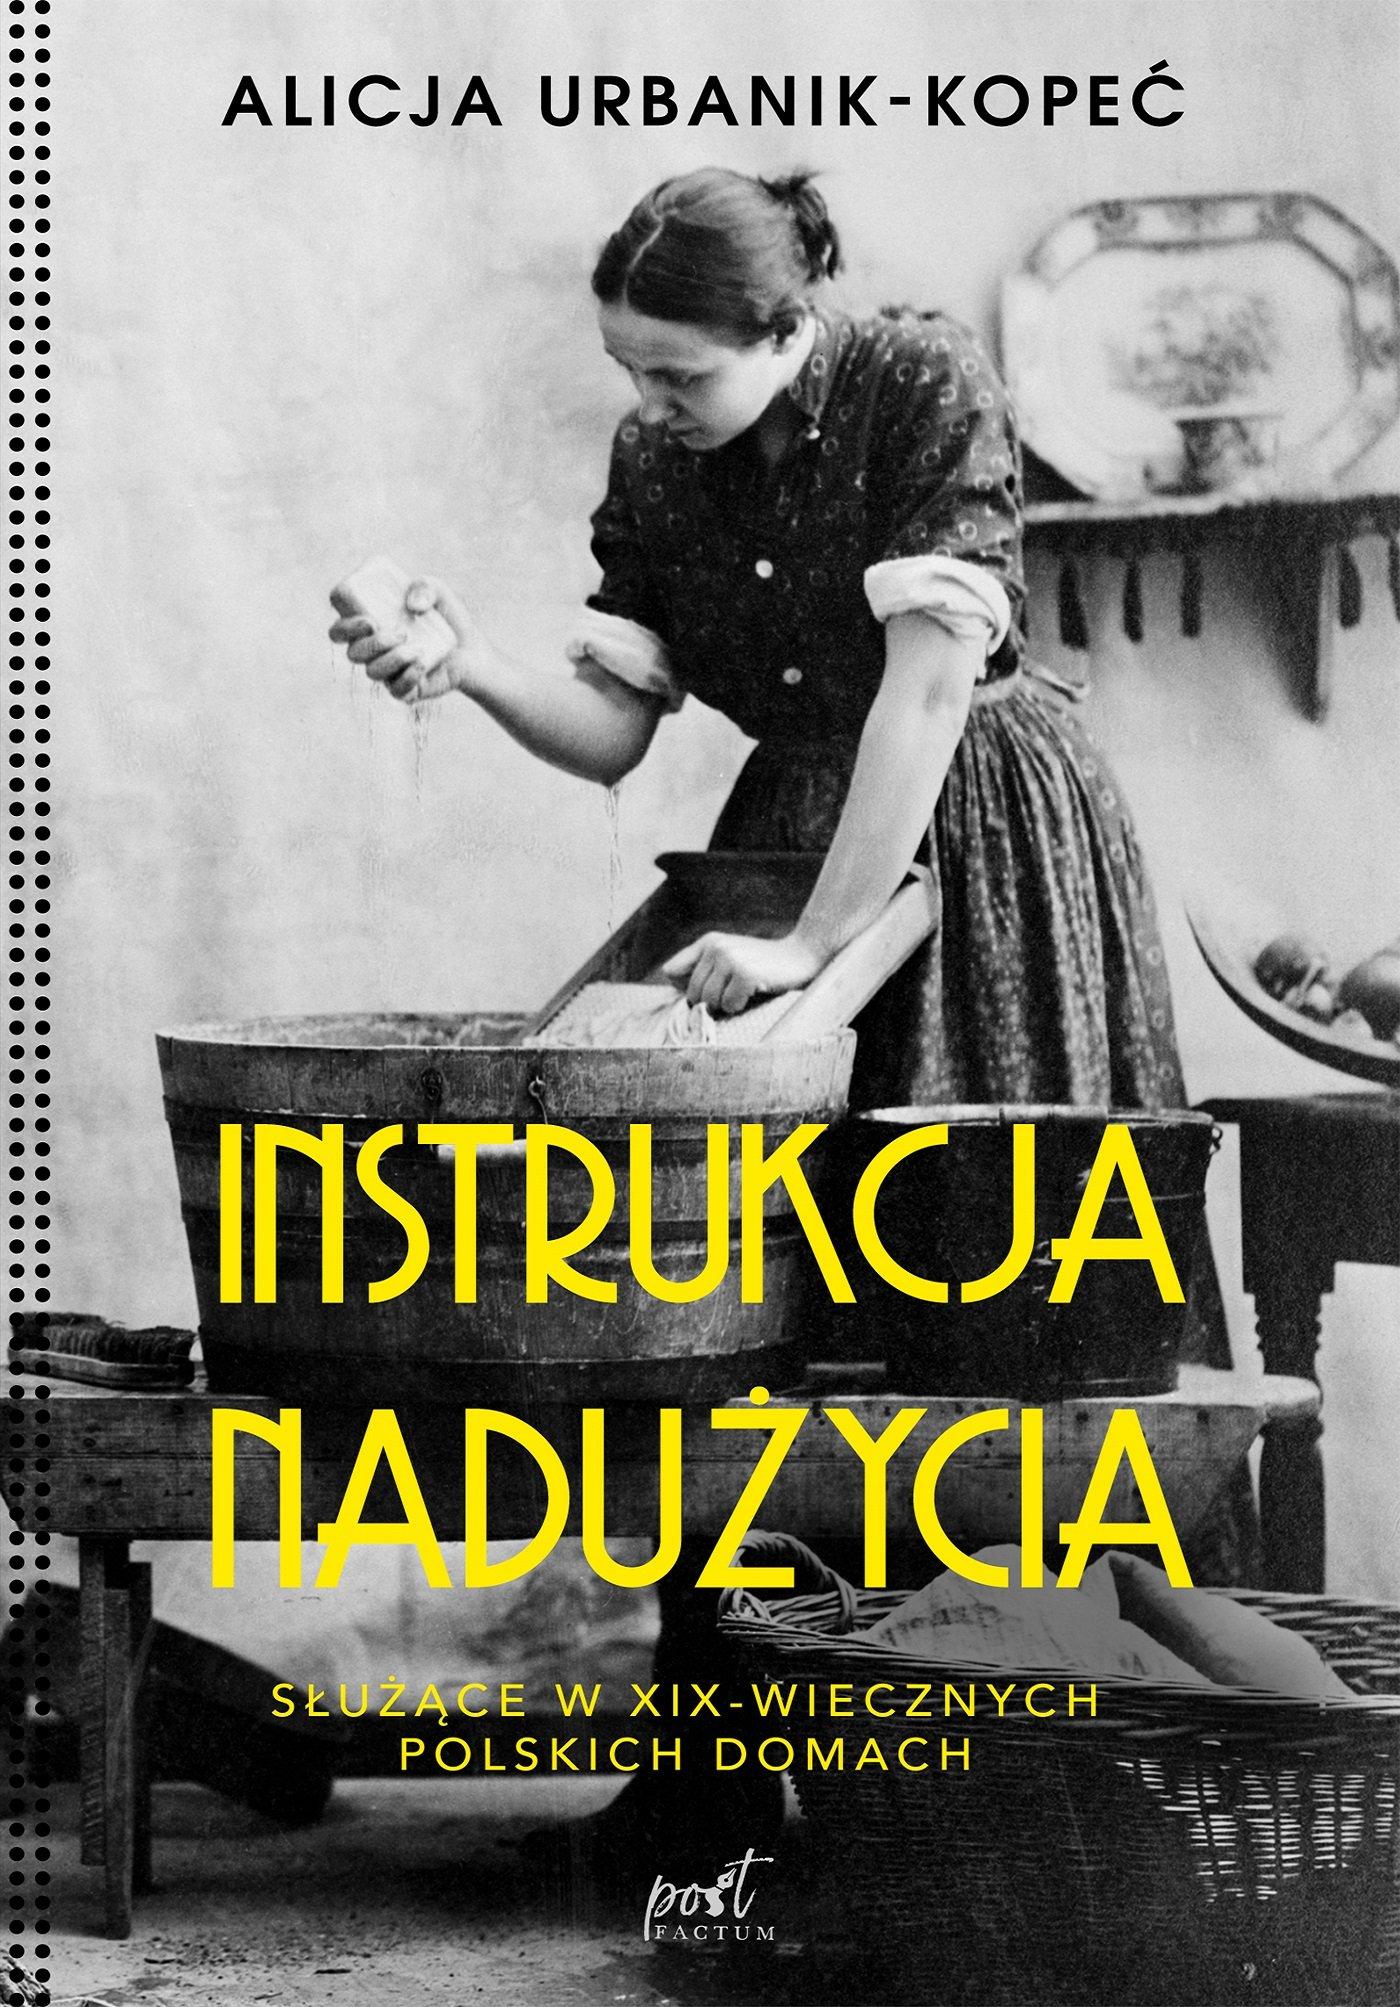 Instrukcja nadużycia. Instrukcja nadużycia. Służące w XIX-wiecznych polskich domach - Ebook (Książka EPUB) do pobrania w formacie EPUB